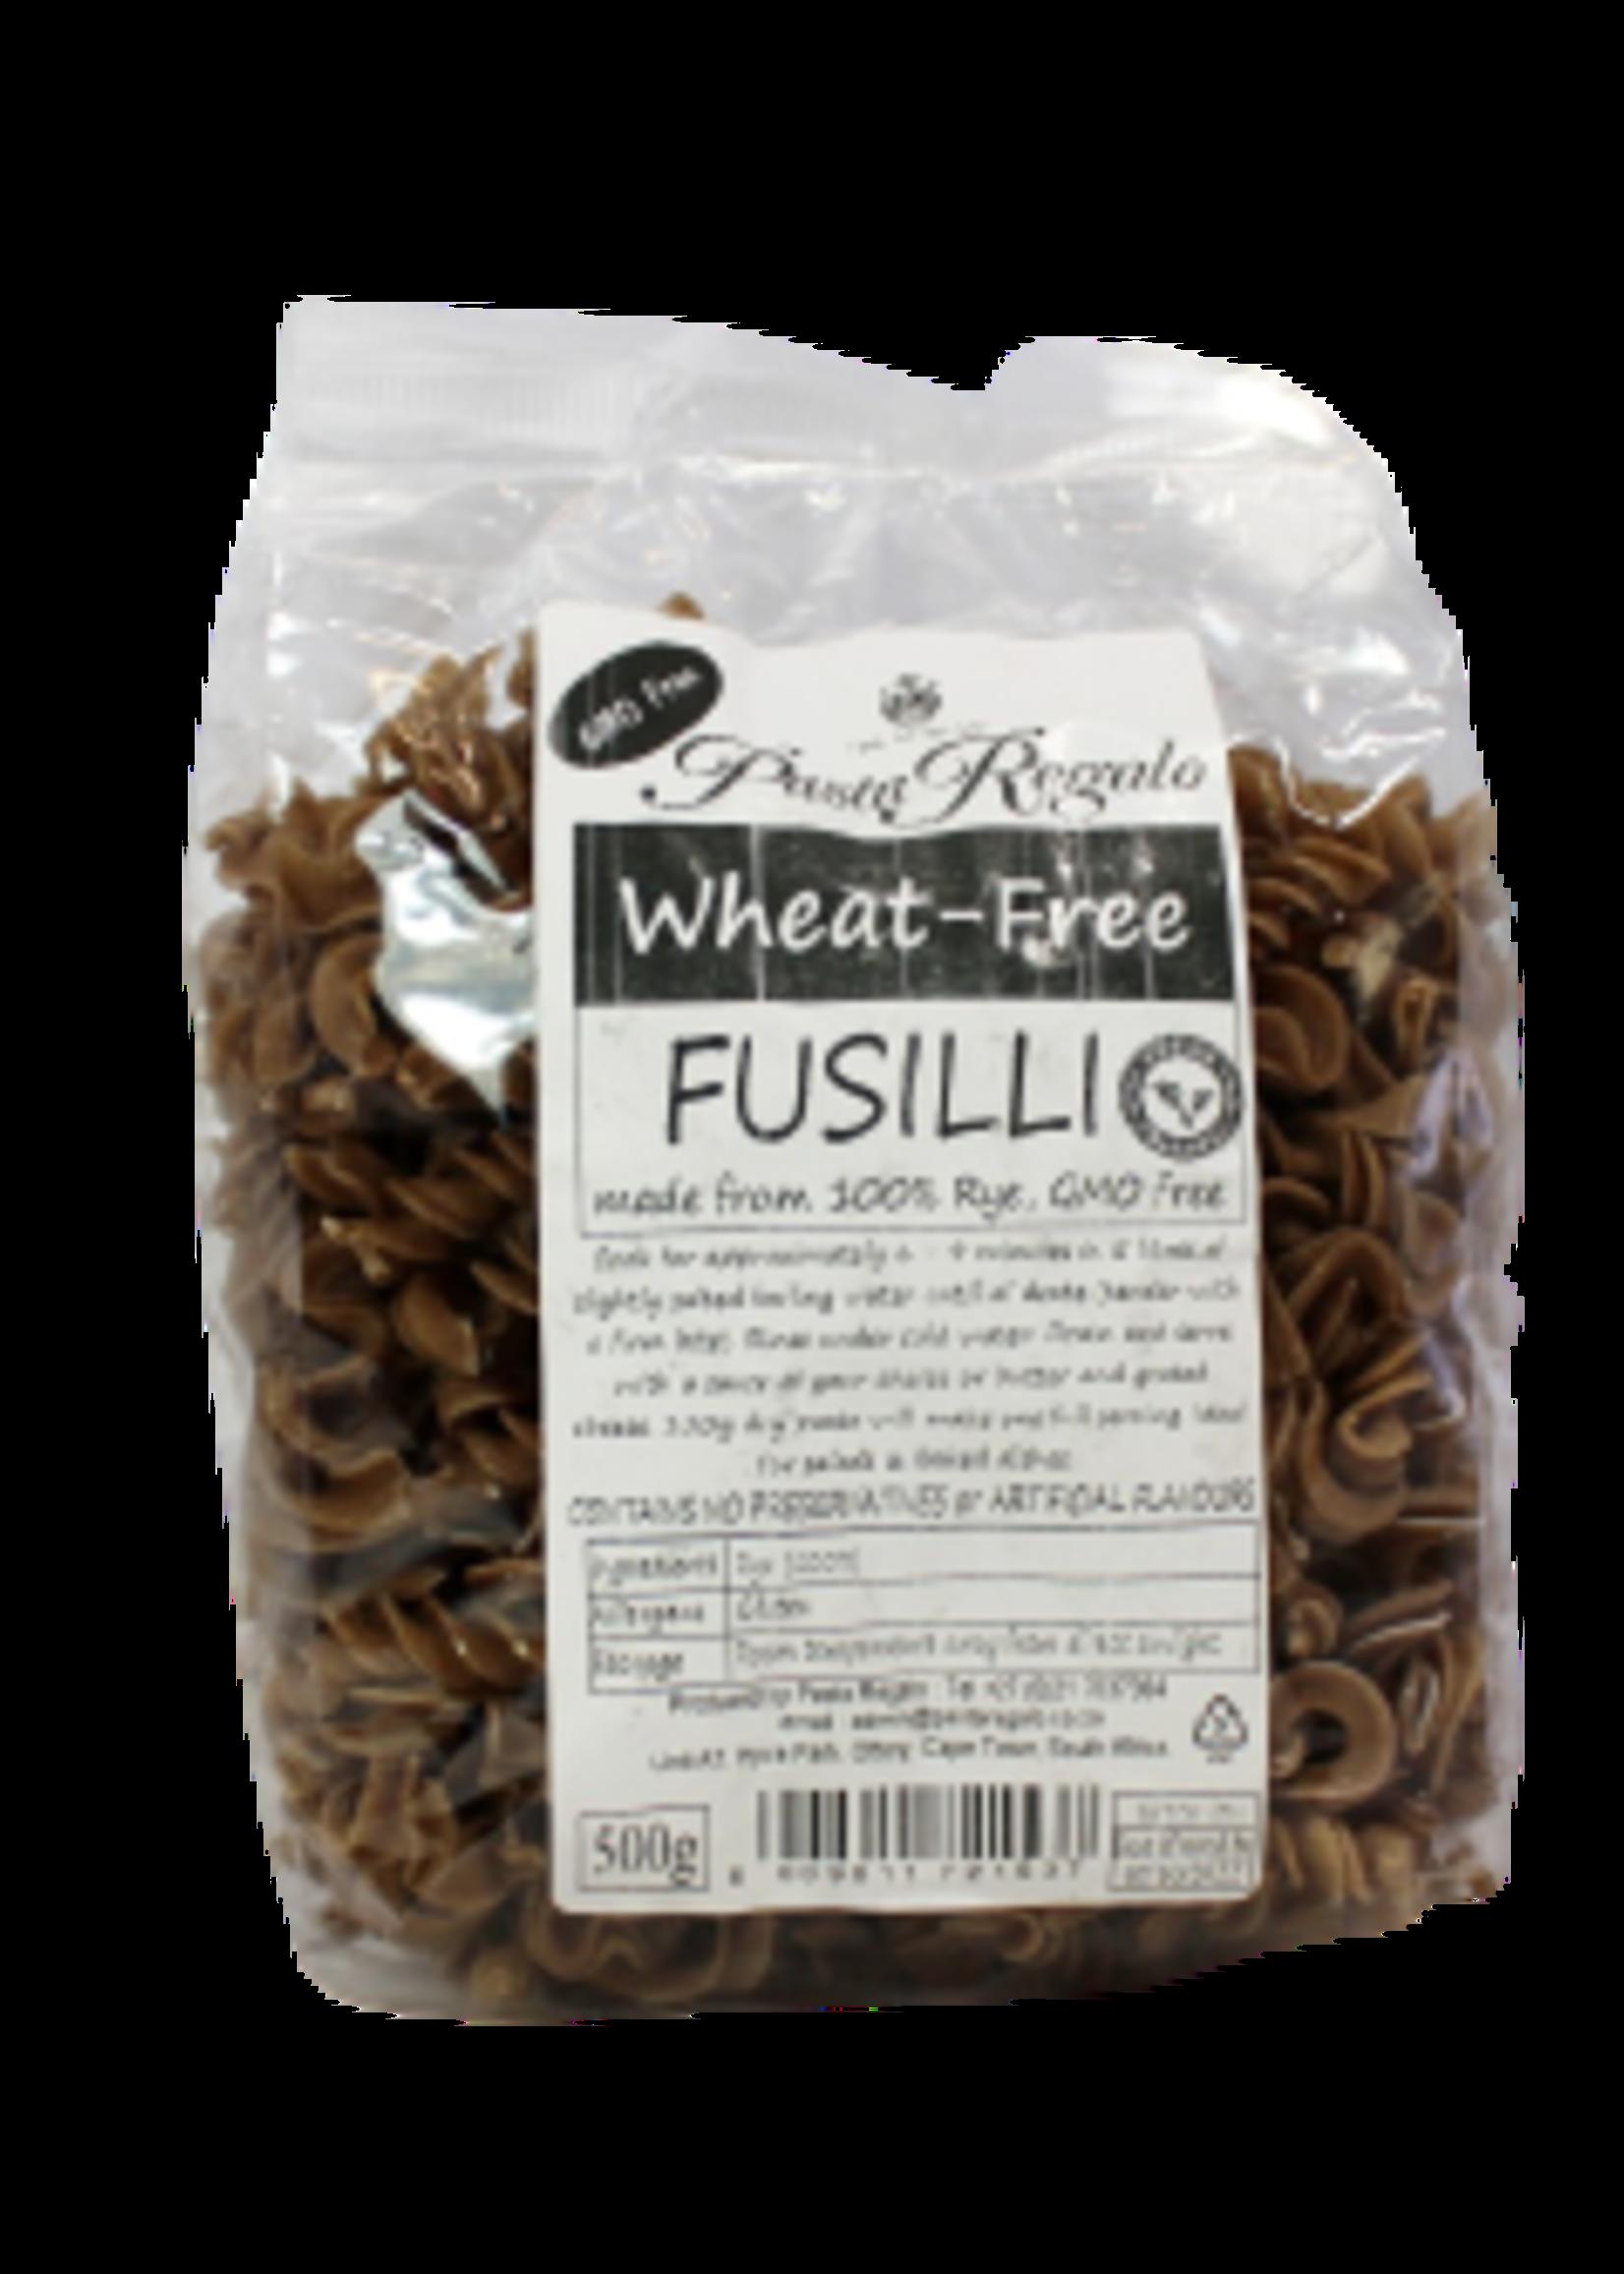 Pasta Regalo Pasta Regalo - Wheat-Free Fusilli